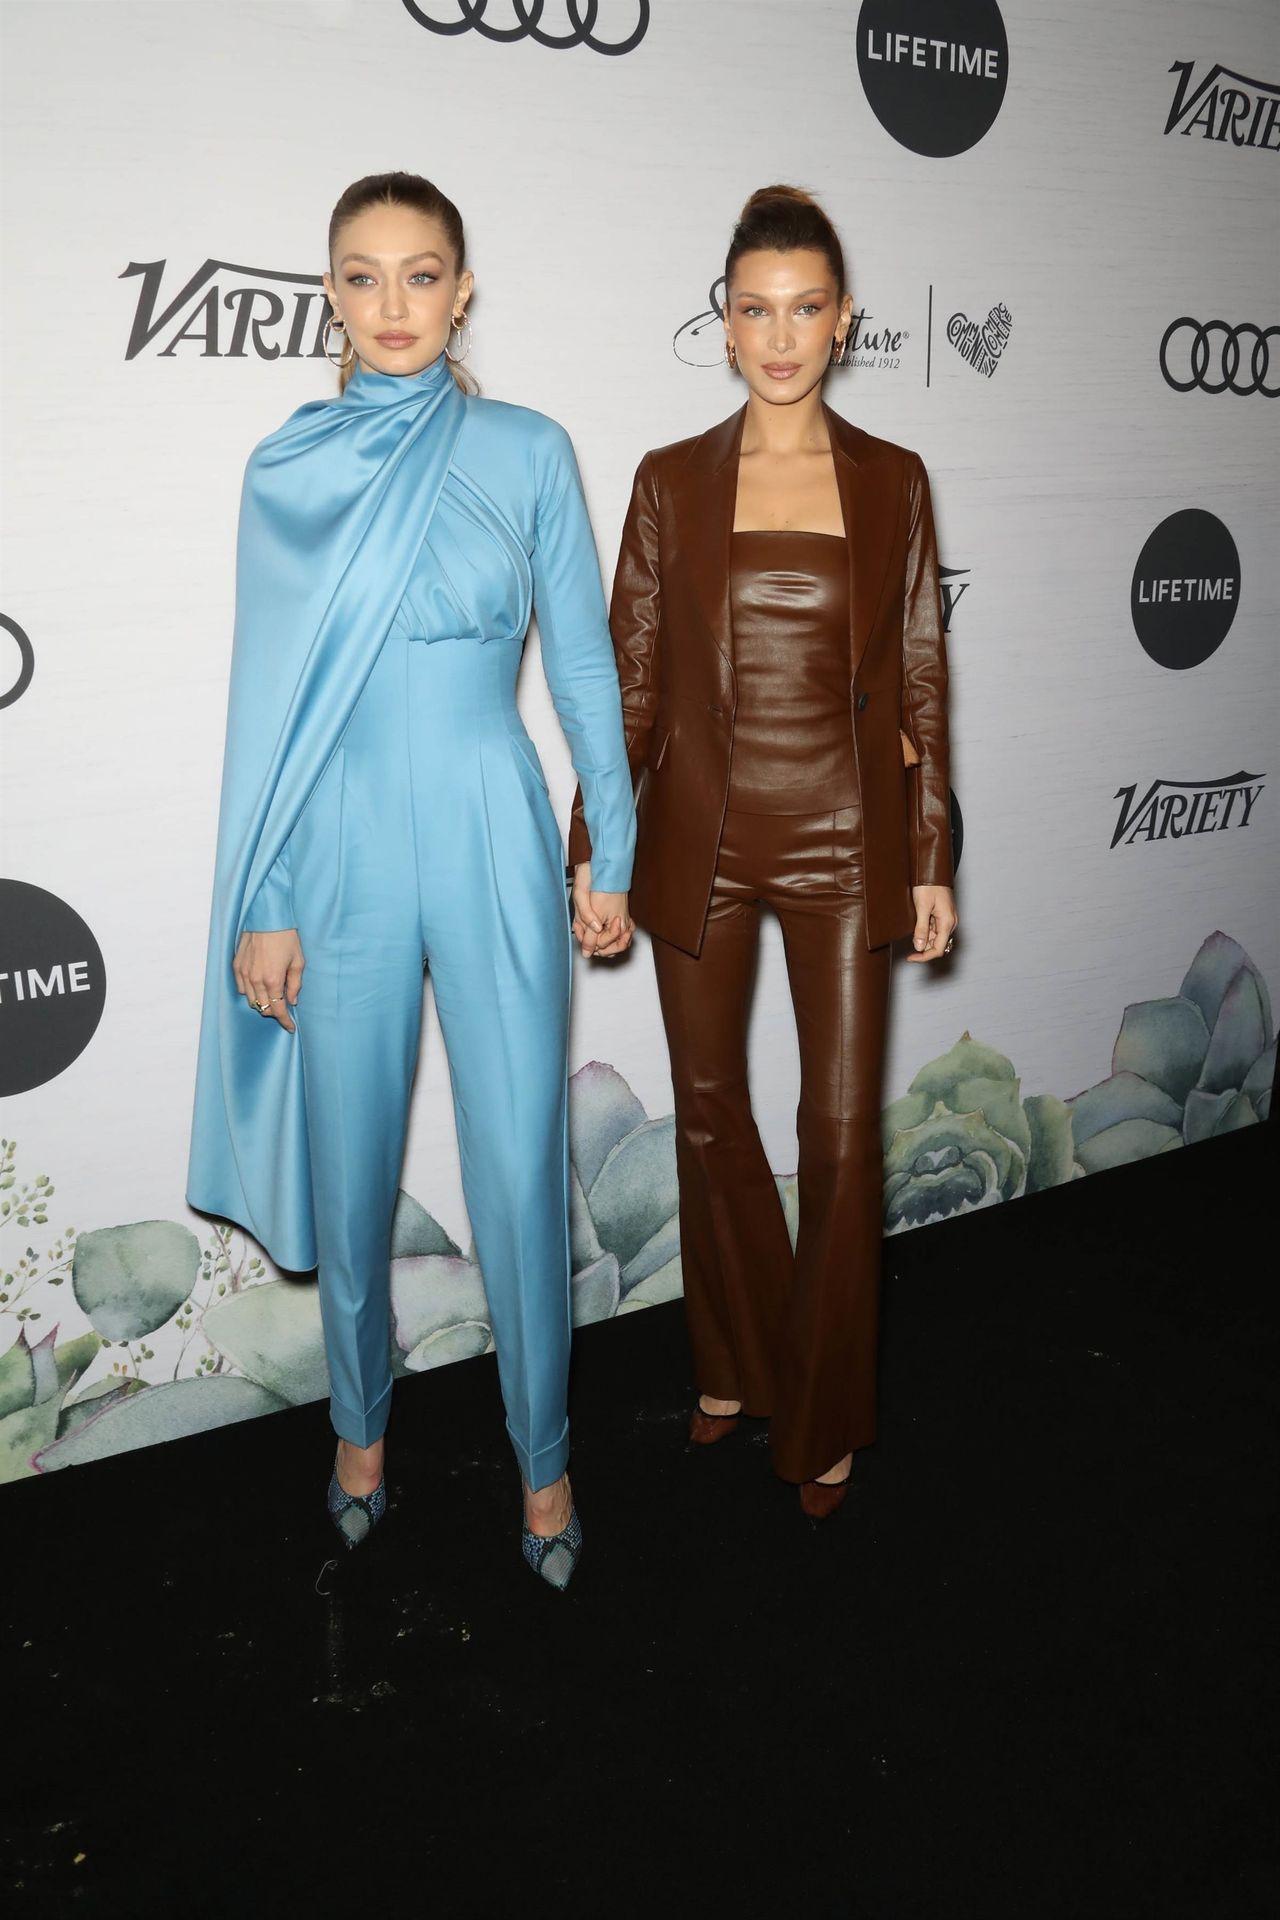 Bella Hadid i Gigi Hadid na gali Variety's Power of Women